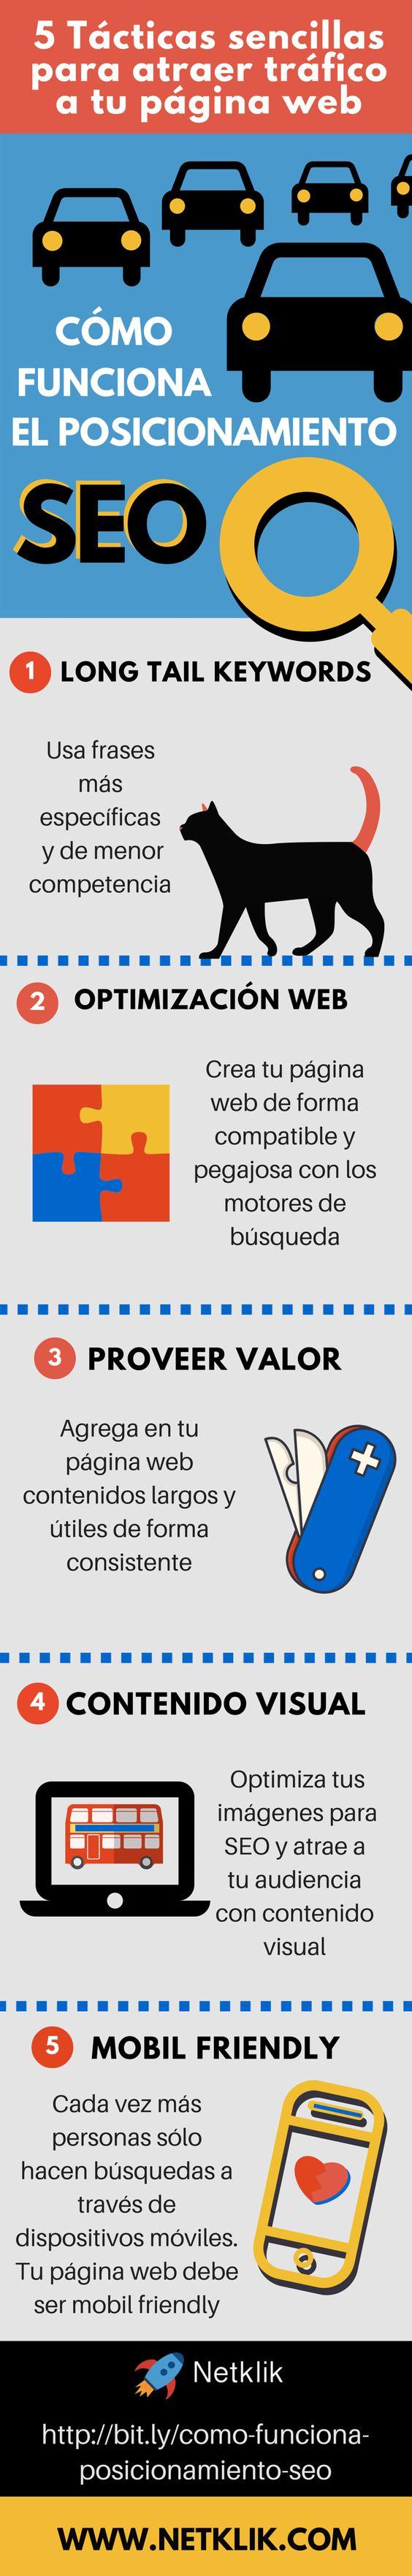 Aumentar Tráfico Web con SEO - Infografía